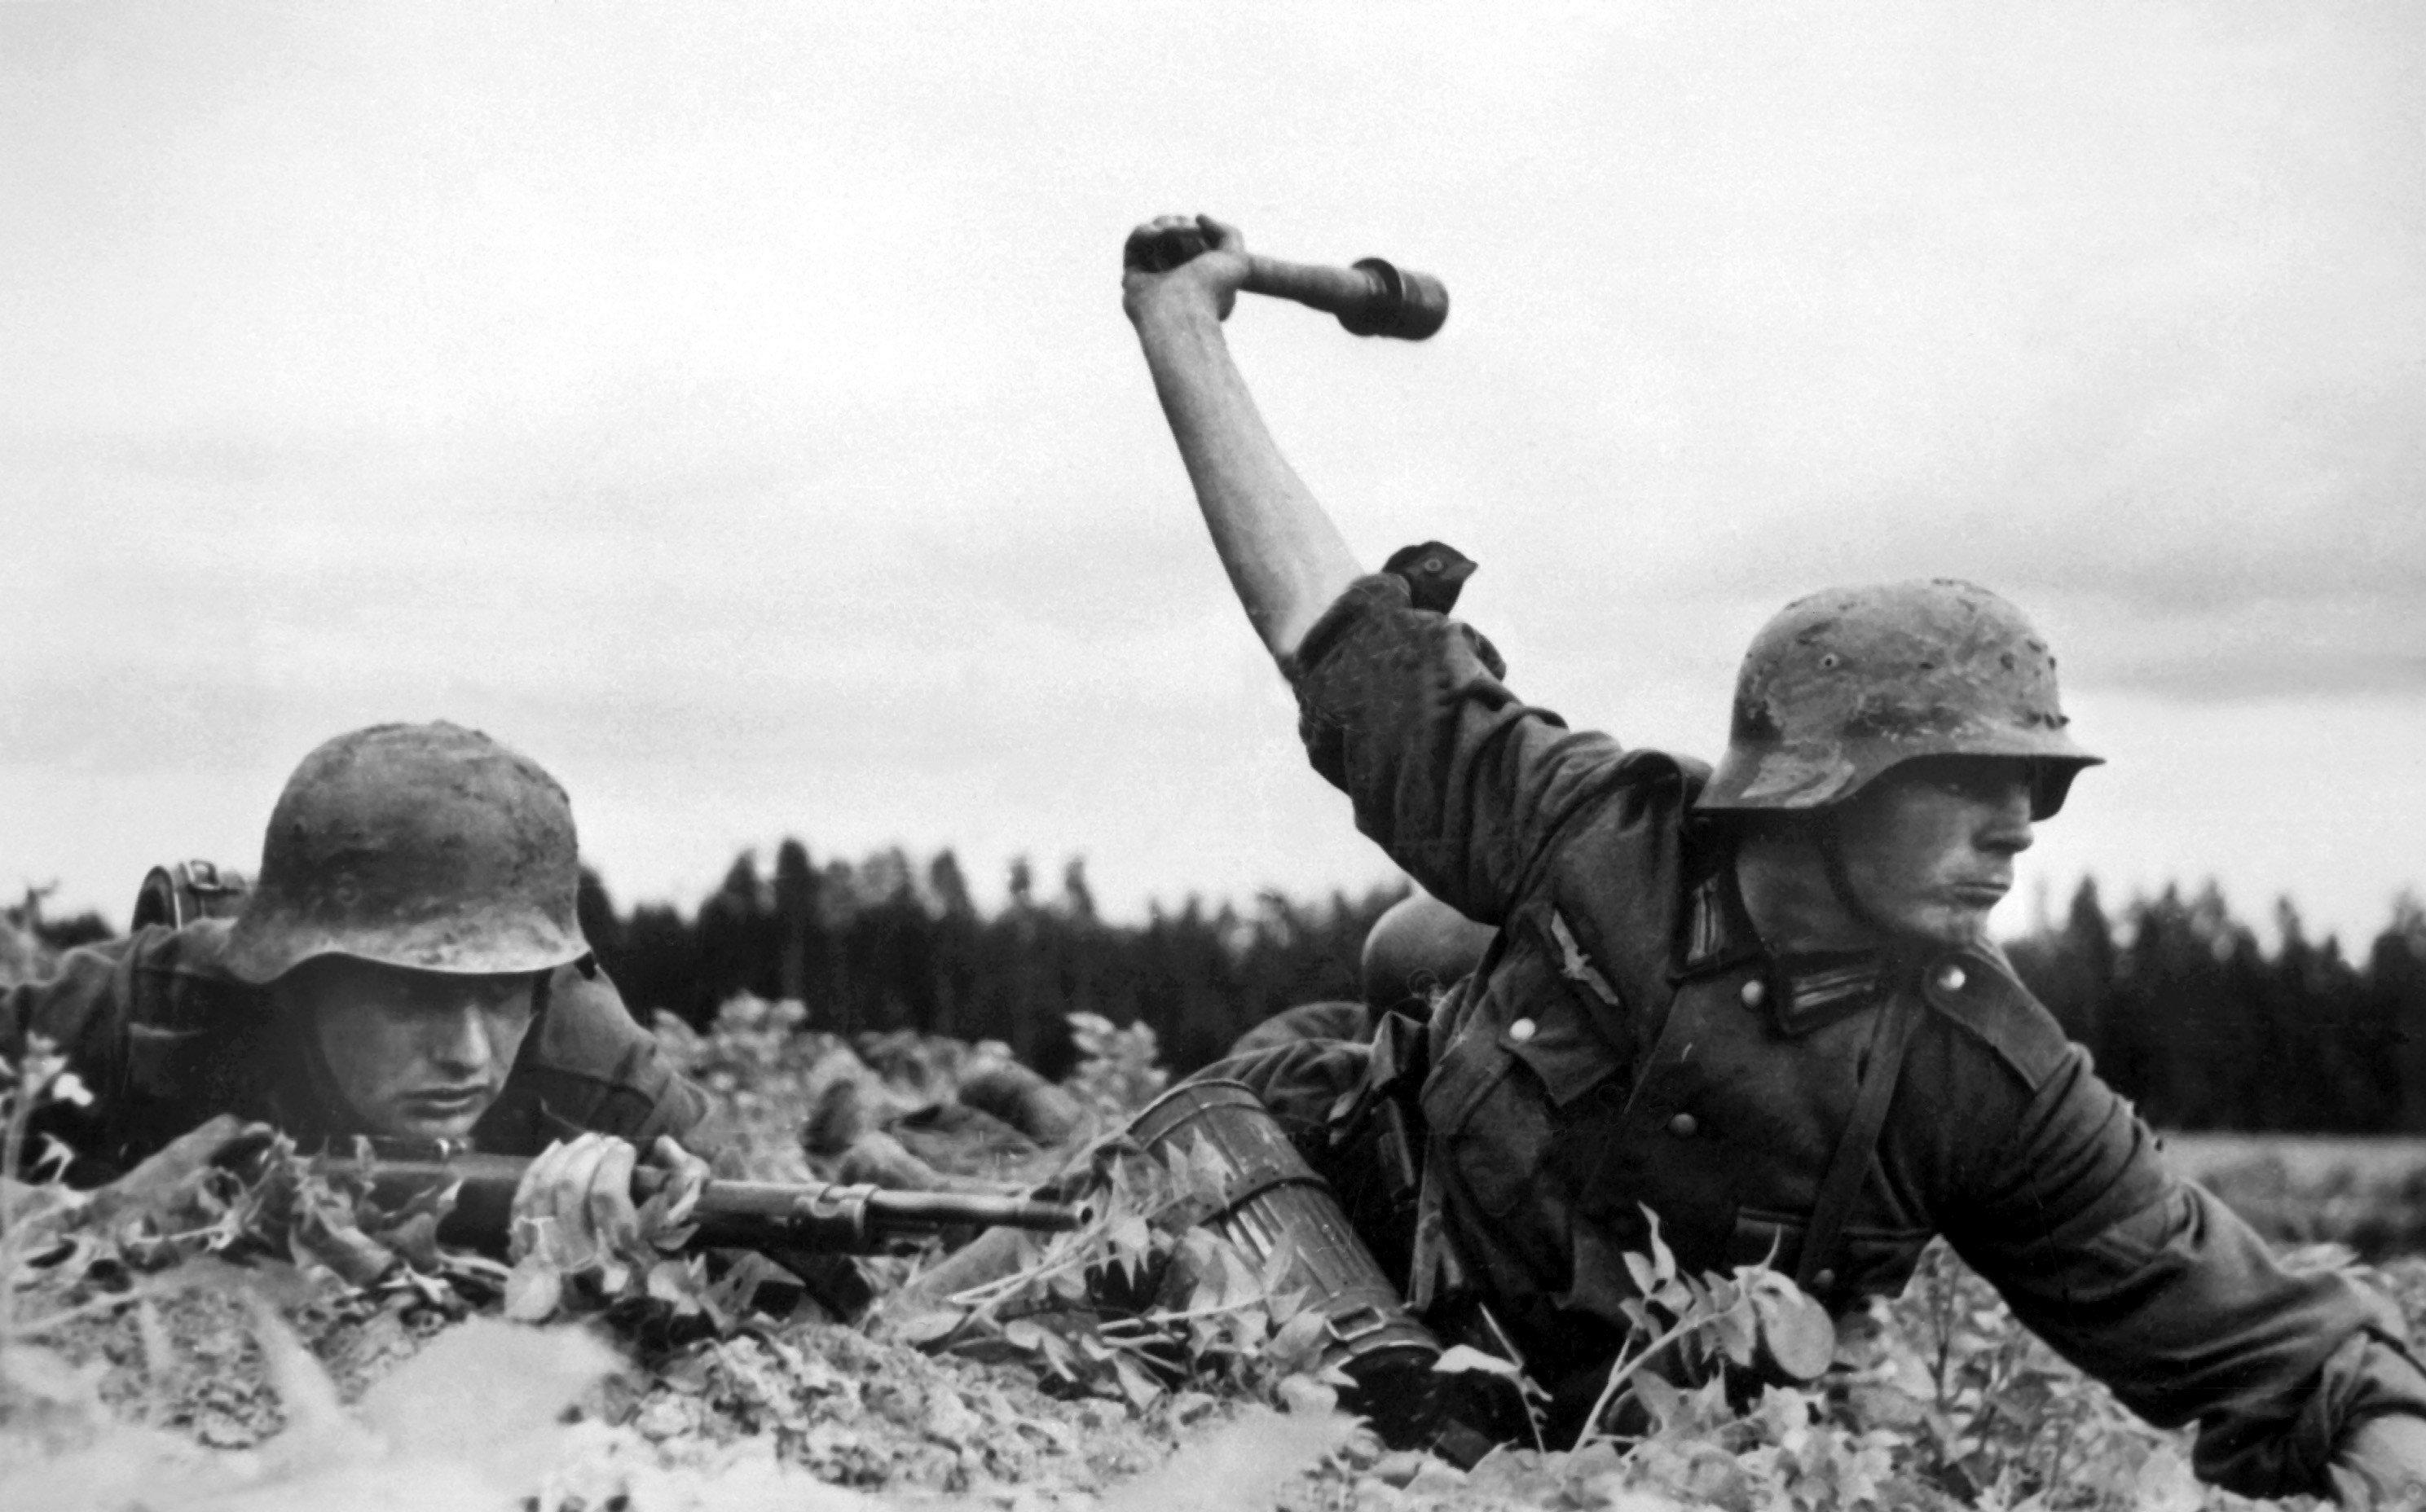 German Army, Gun, Nazi, World War II